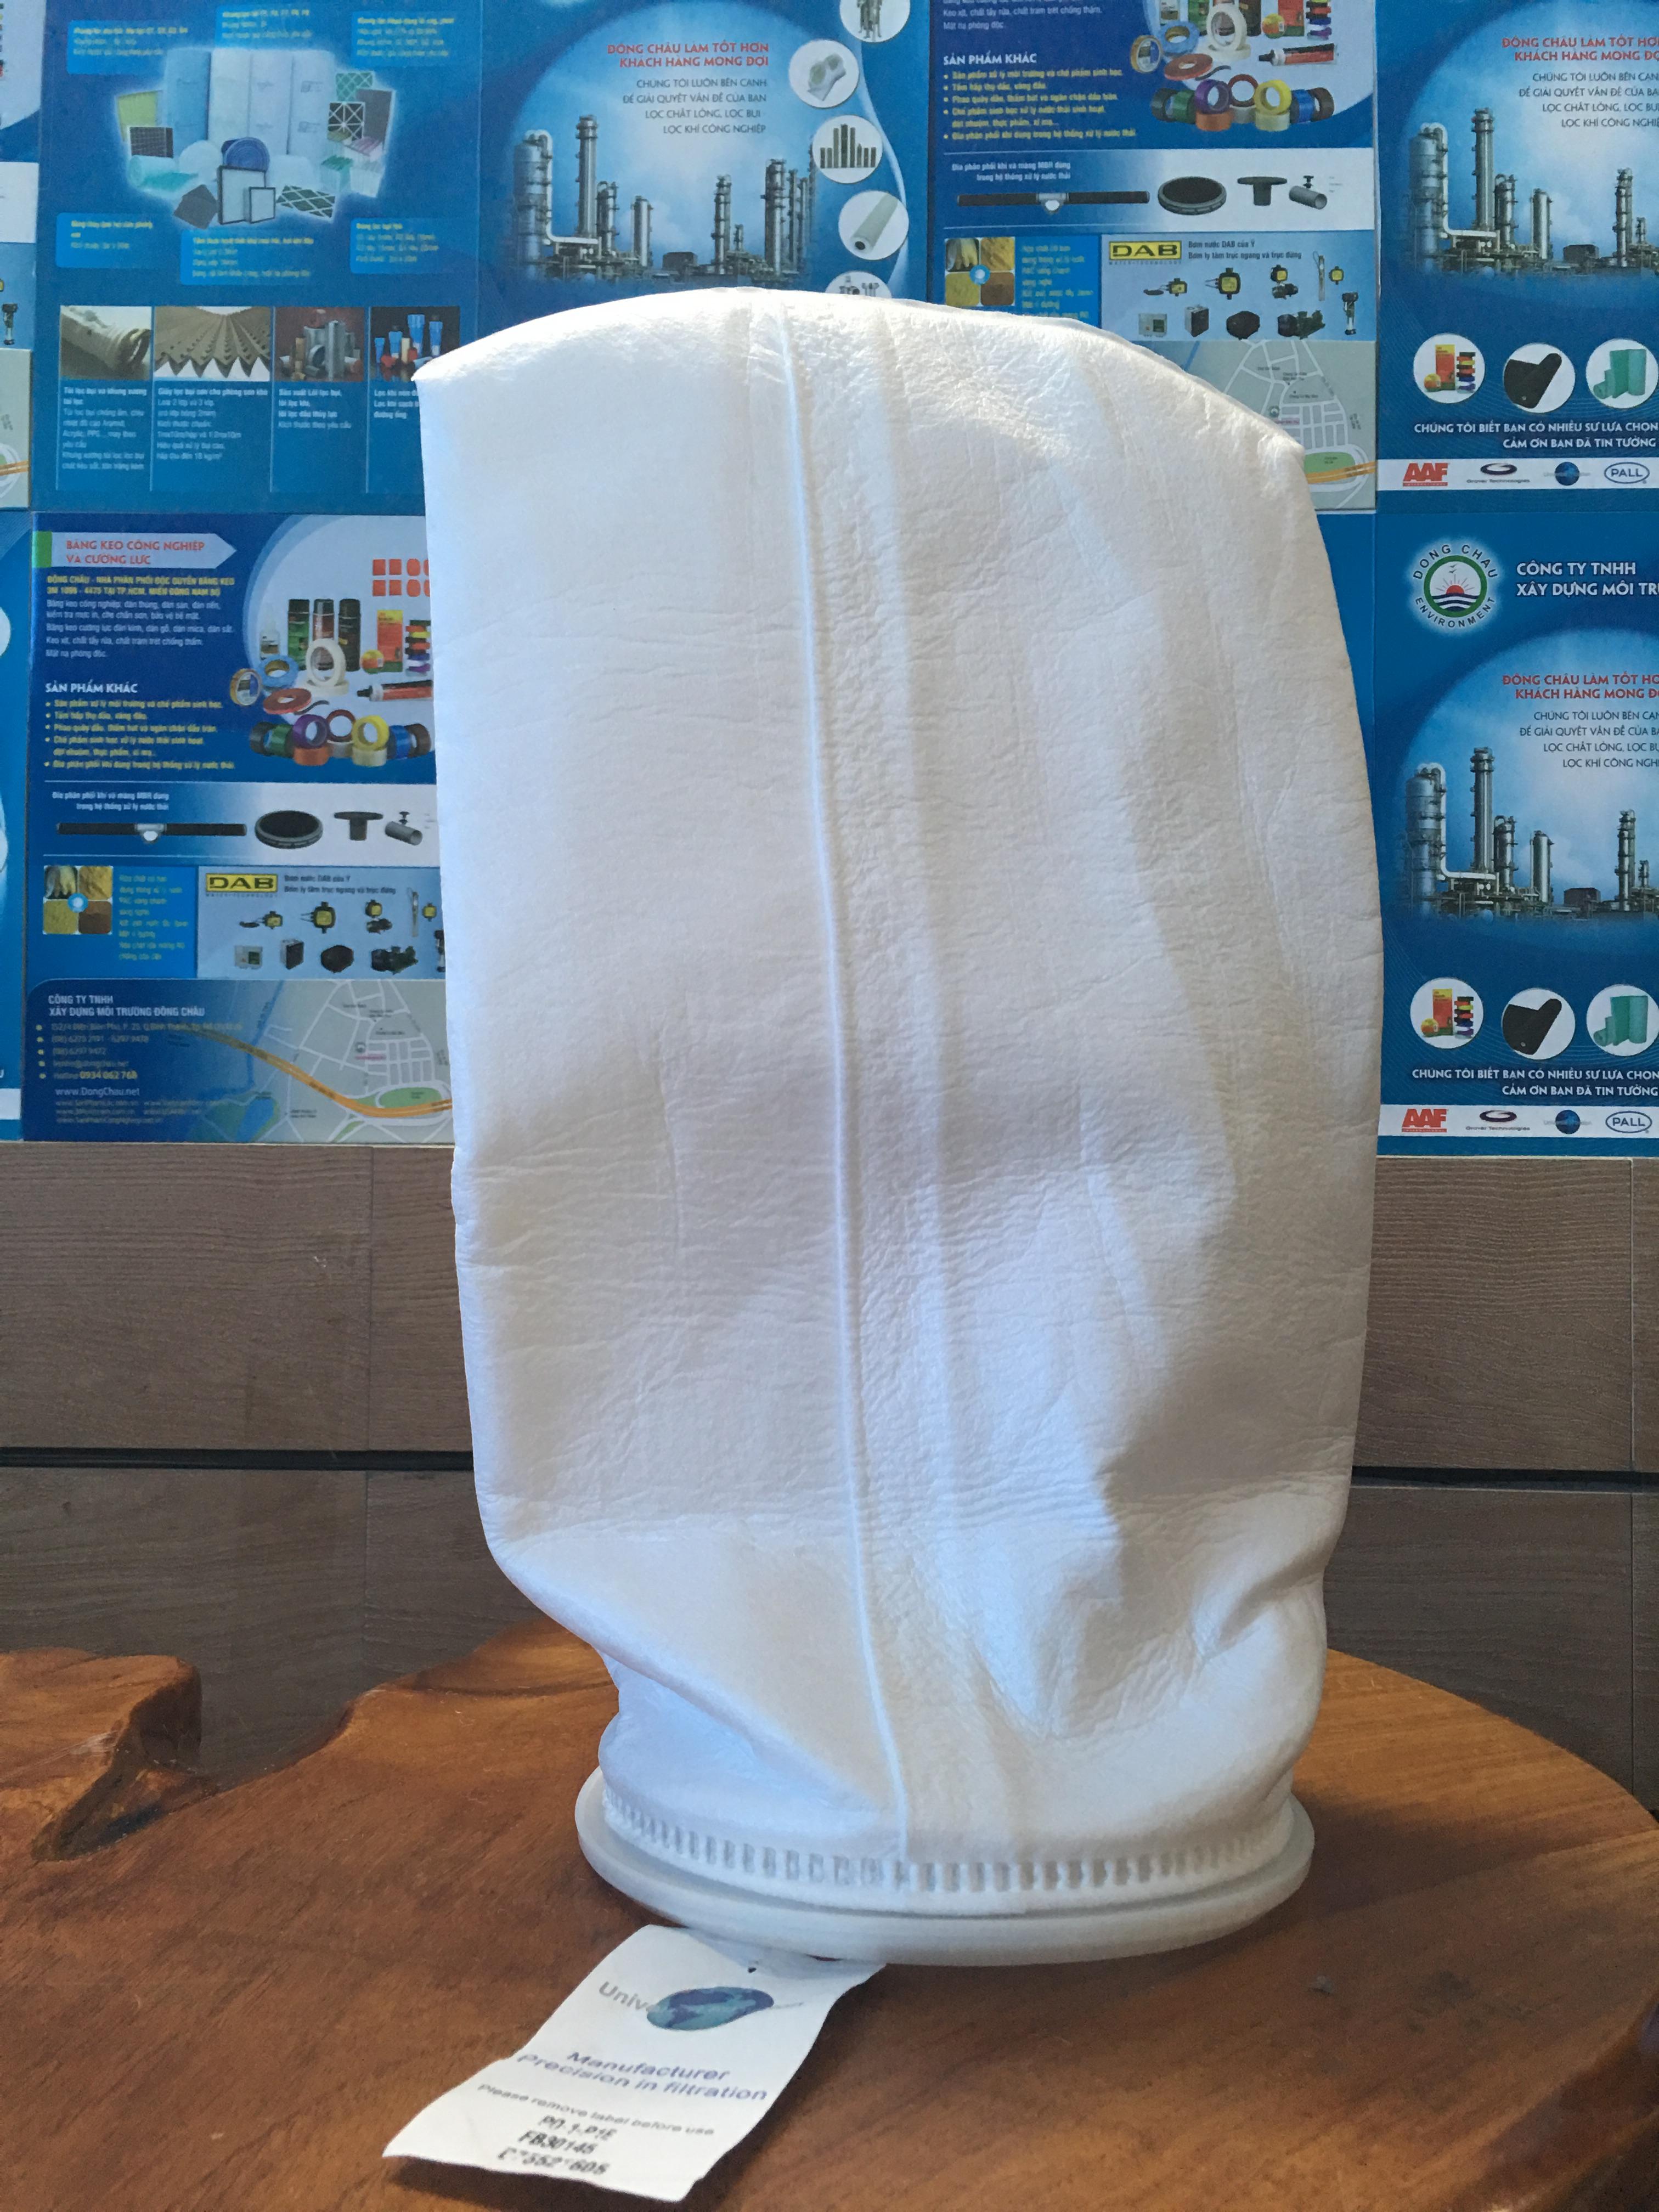 Túi lọc PE 1 micron size 1 cho phép các túi lọc dễ dàng phù hợp với các rổ hỗ trợ bên trong.